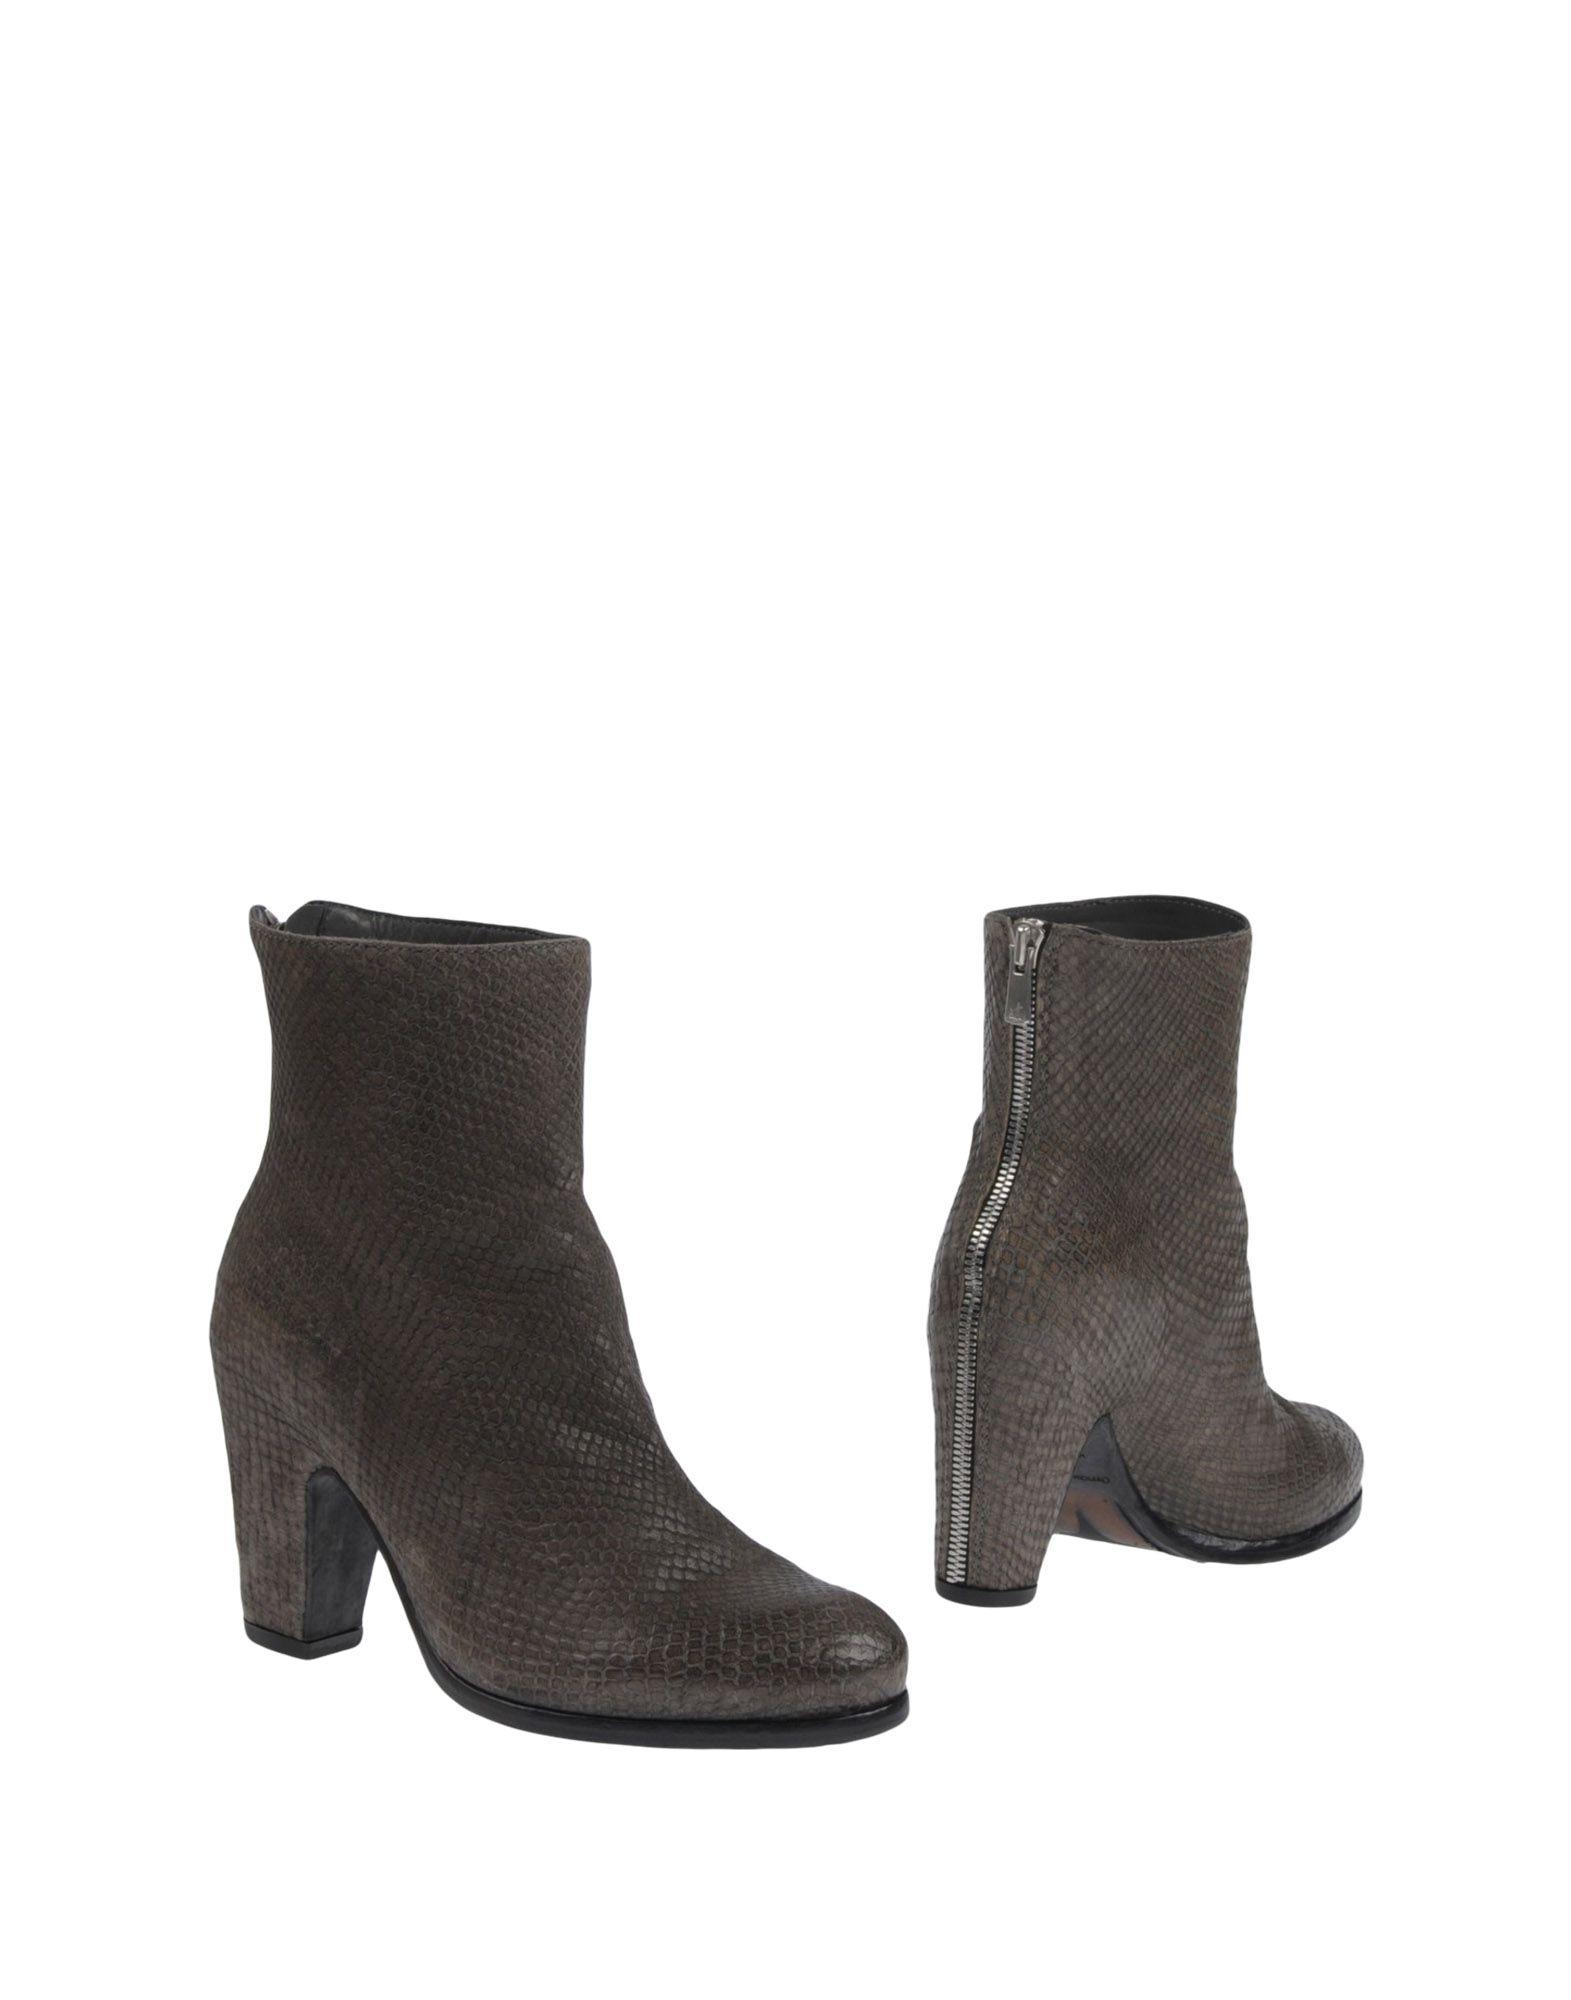 Officine Creative Italia Stiefelette Damen Schuhe  11446329LF Neue Schuhe Damen 53200a